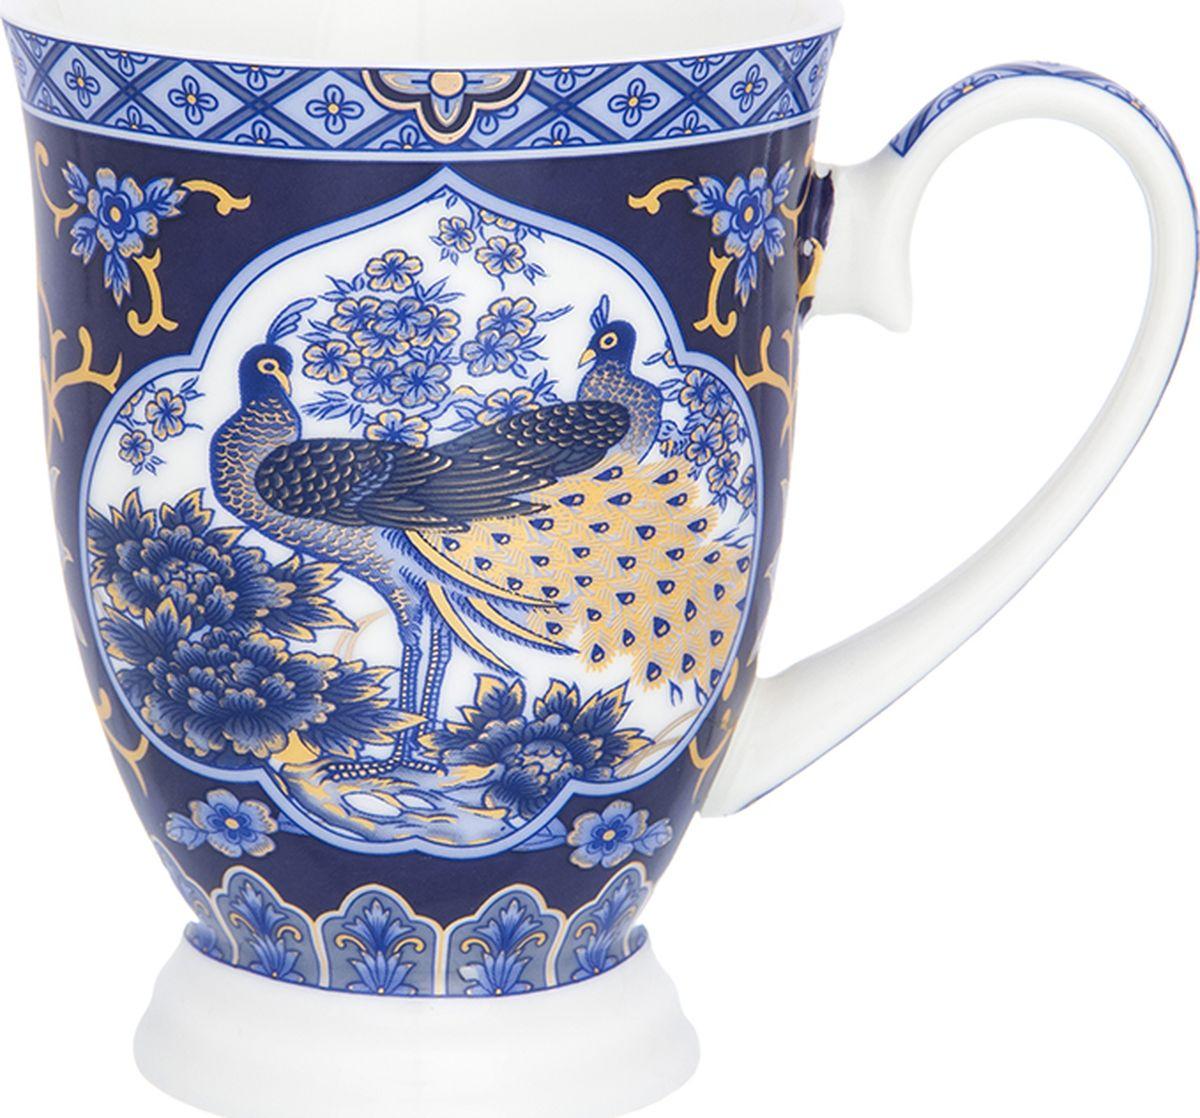 Кружка Elan Gallery Павлин синий, на ножке, 300 мл. 181046181046Кружка Elan Gallery Павлин на бежевом изготовлена из фарфора и оформлена оригинальным принтом. Изделие станет отличным дополнением к сервировке семейного стола и подойдет для любых горячих и холодных напитков, чая, кофе, какао.Кружка имеет подарочную упаковку, поэтому станет желанным подарком для ваших близких. Размеры: 12,5 х 9 х 10 см